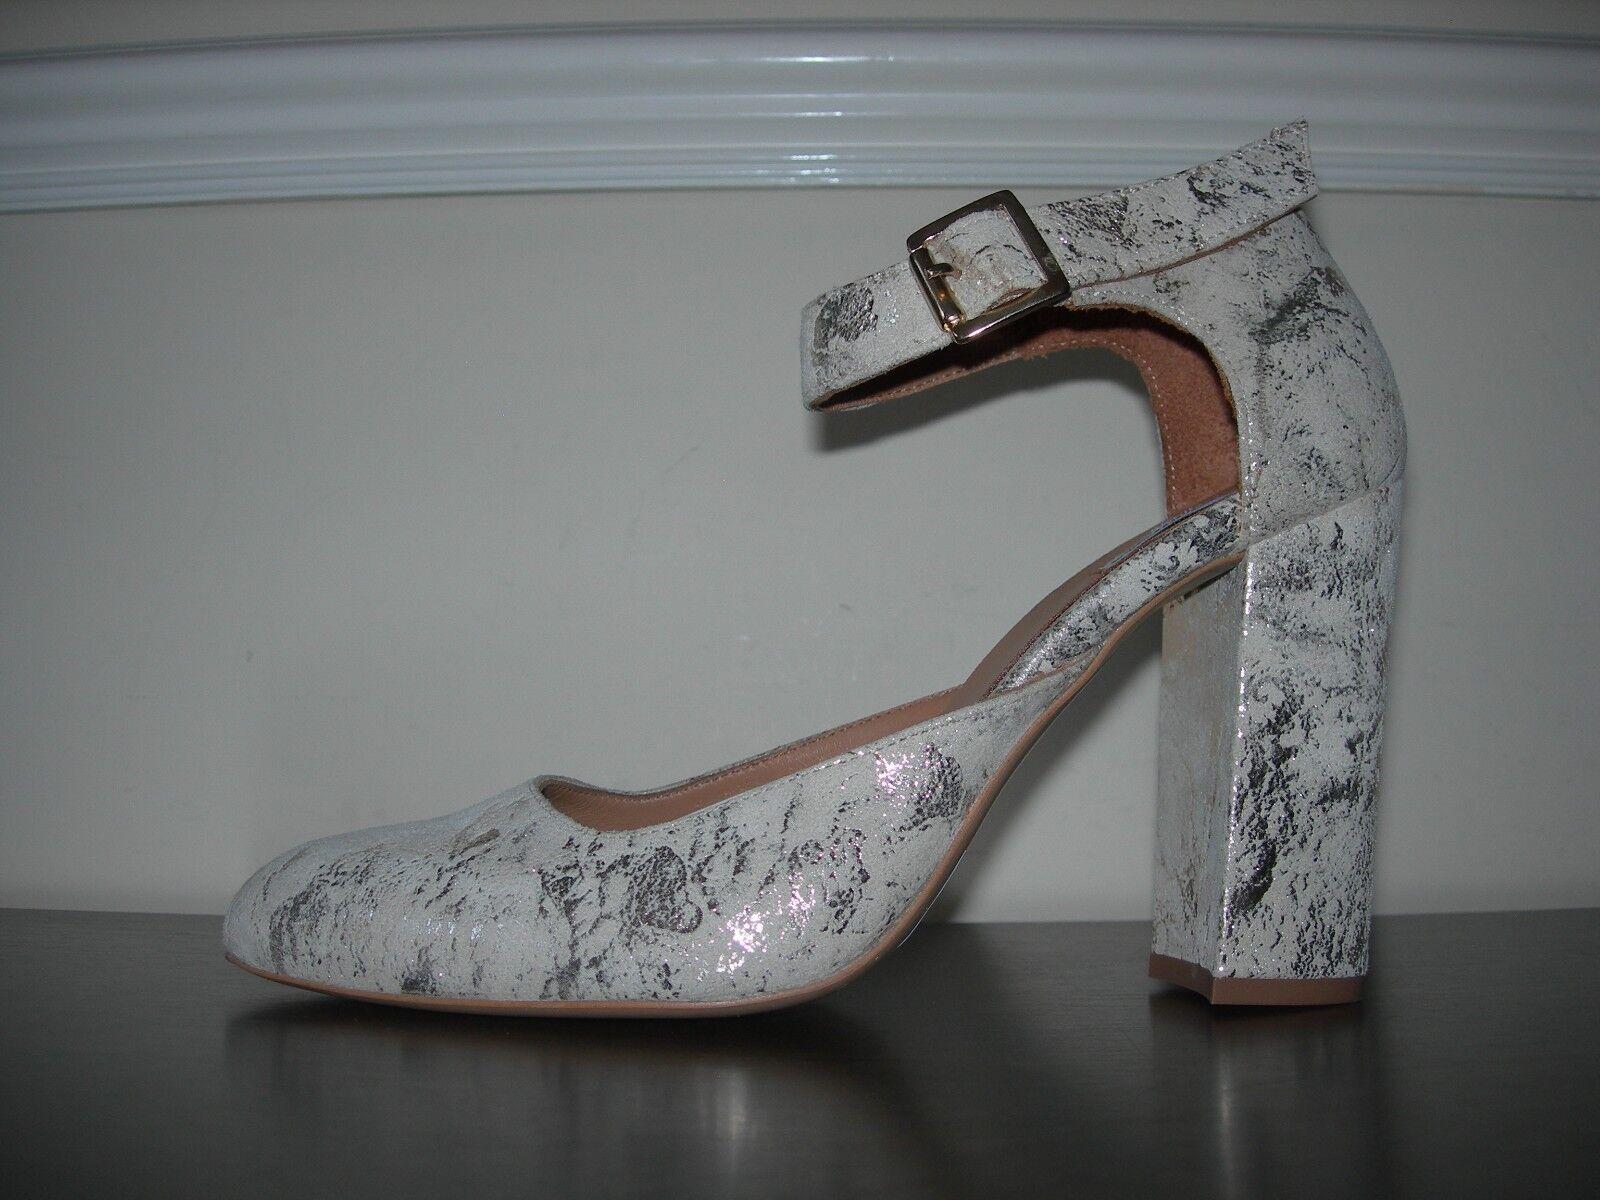 CLARKS WOMEN'S Schuhe SANDALS SUEDE HIGH HEEL BEIGE GOLDEN SUEDE SANDALS ELEGANT EU 39.5 / UK 6 59d545